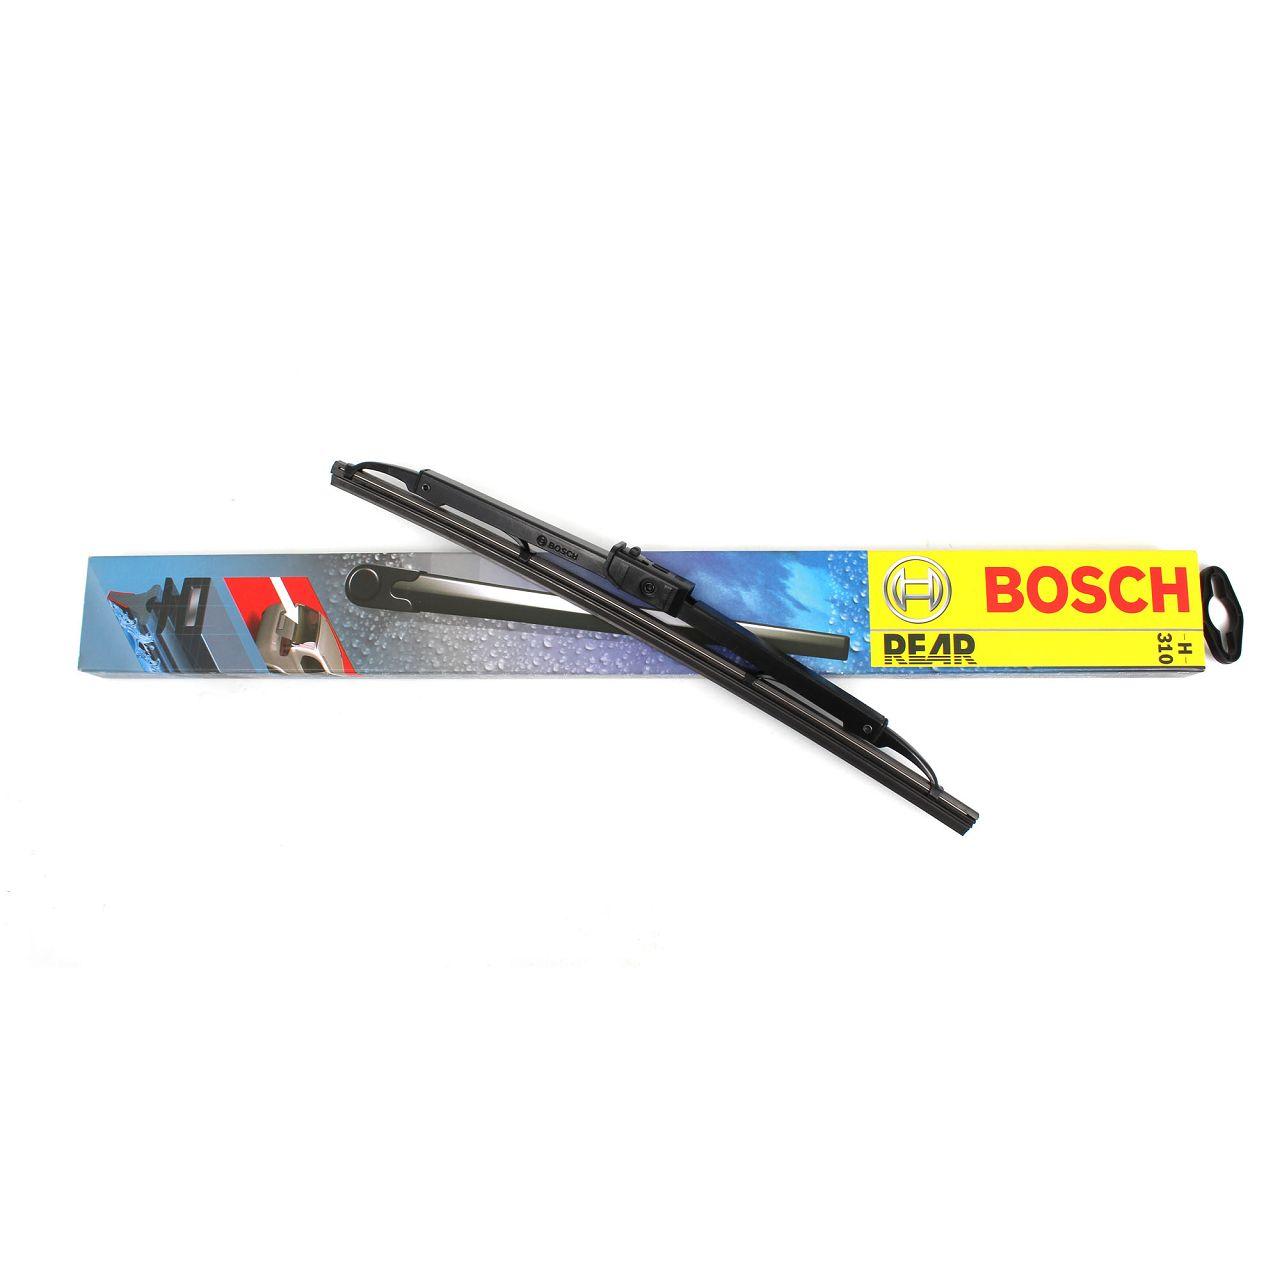 BOSCH Heckscheibenwischer Wischerblatt Heckwischer H310 für VW Fox 3397011654